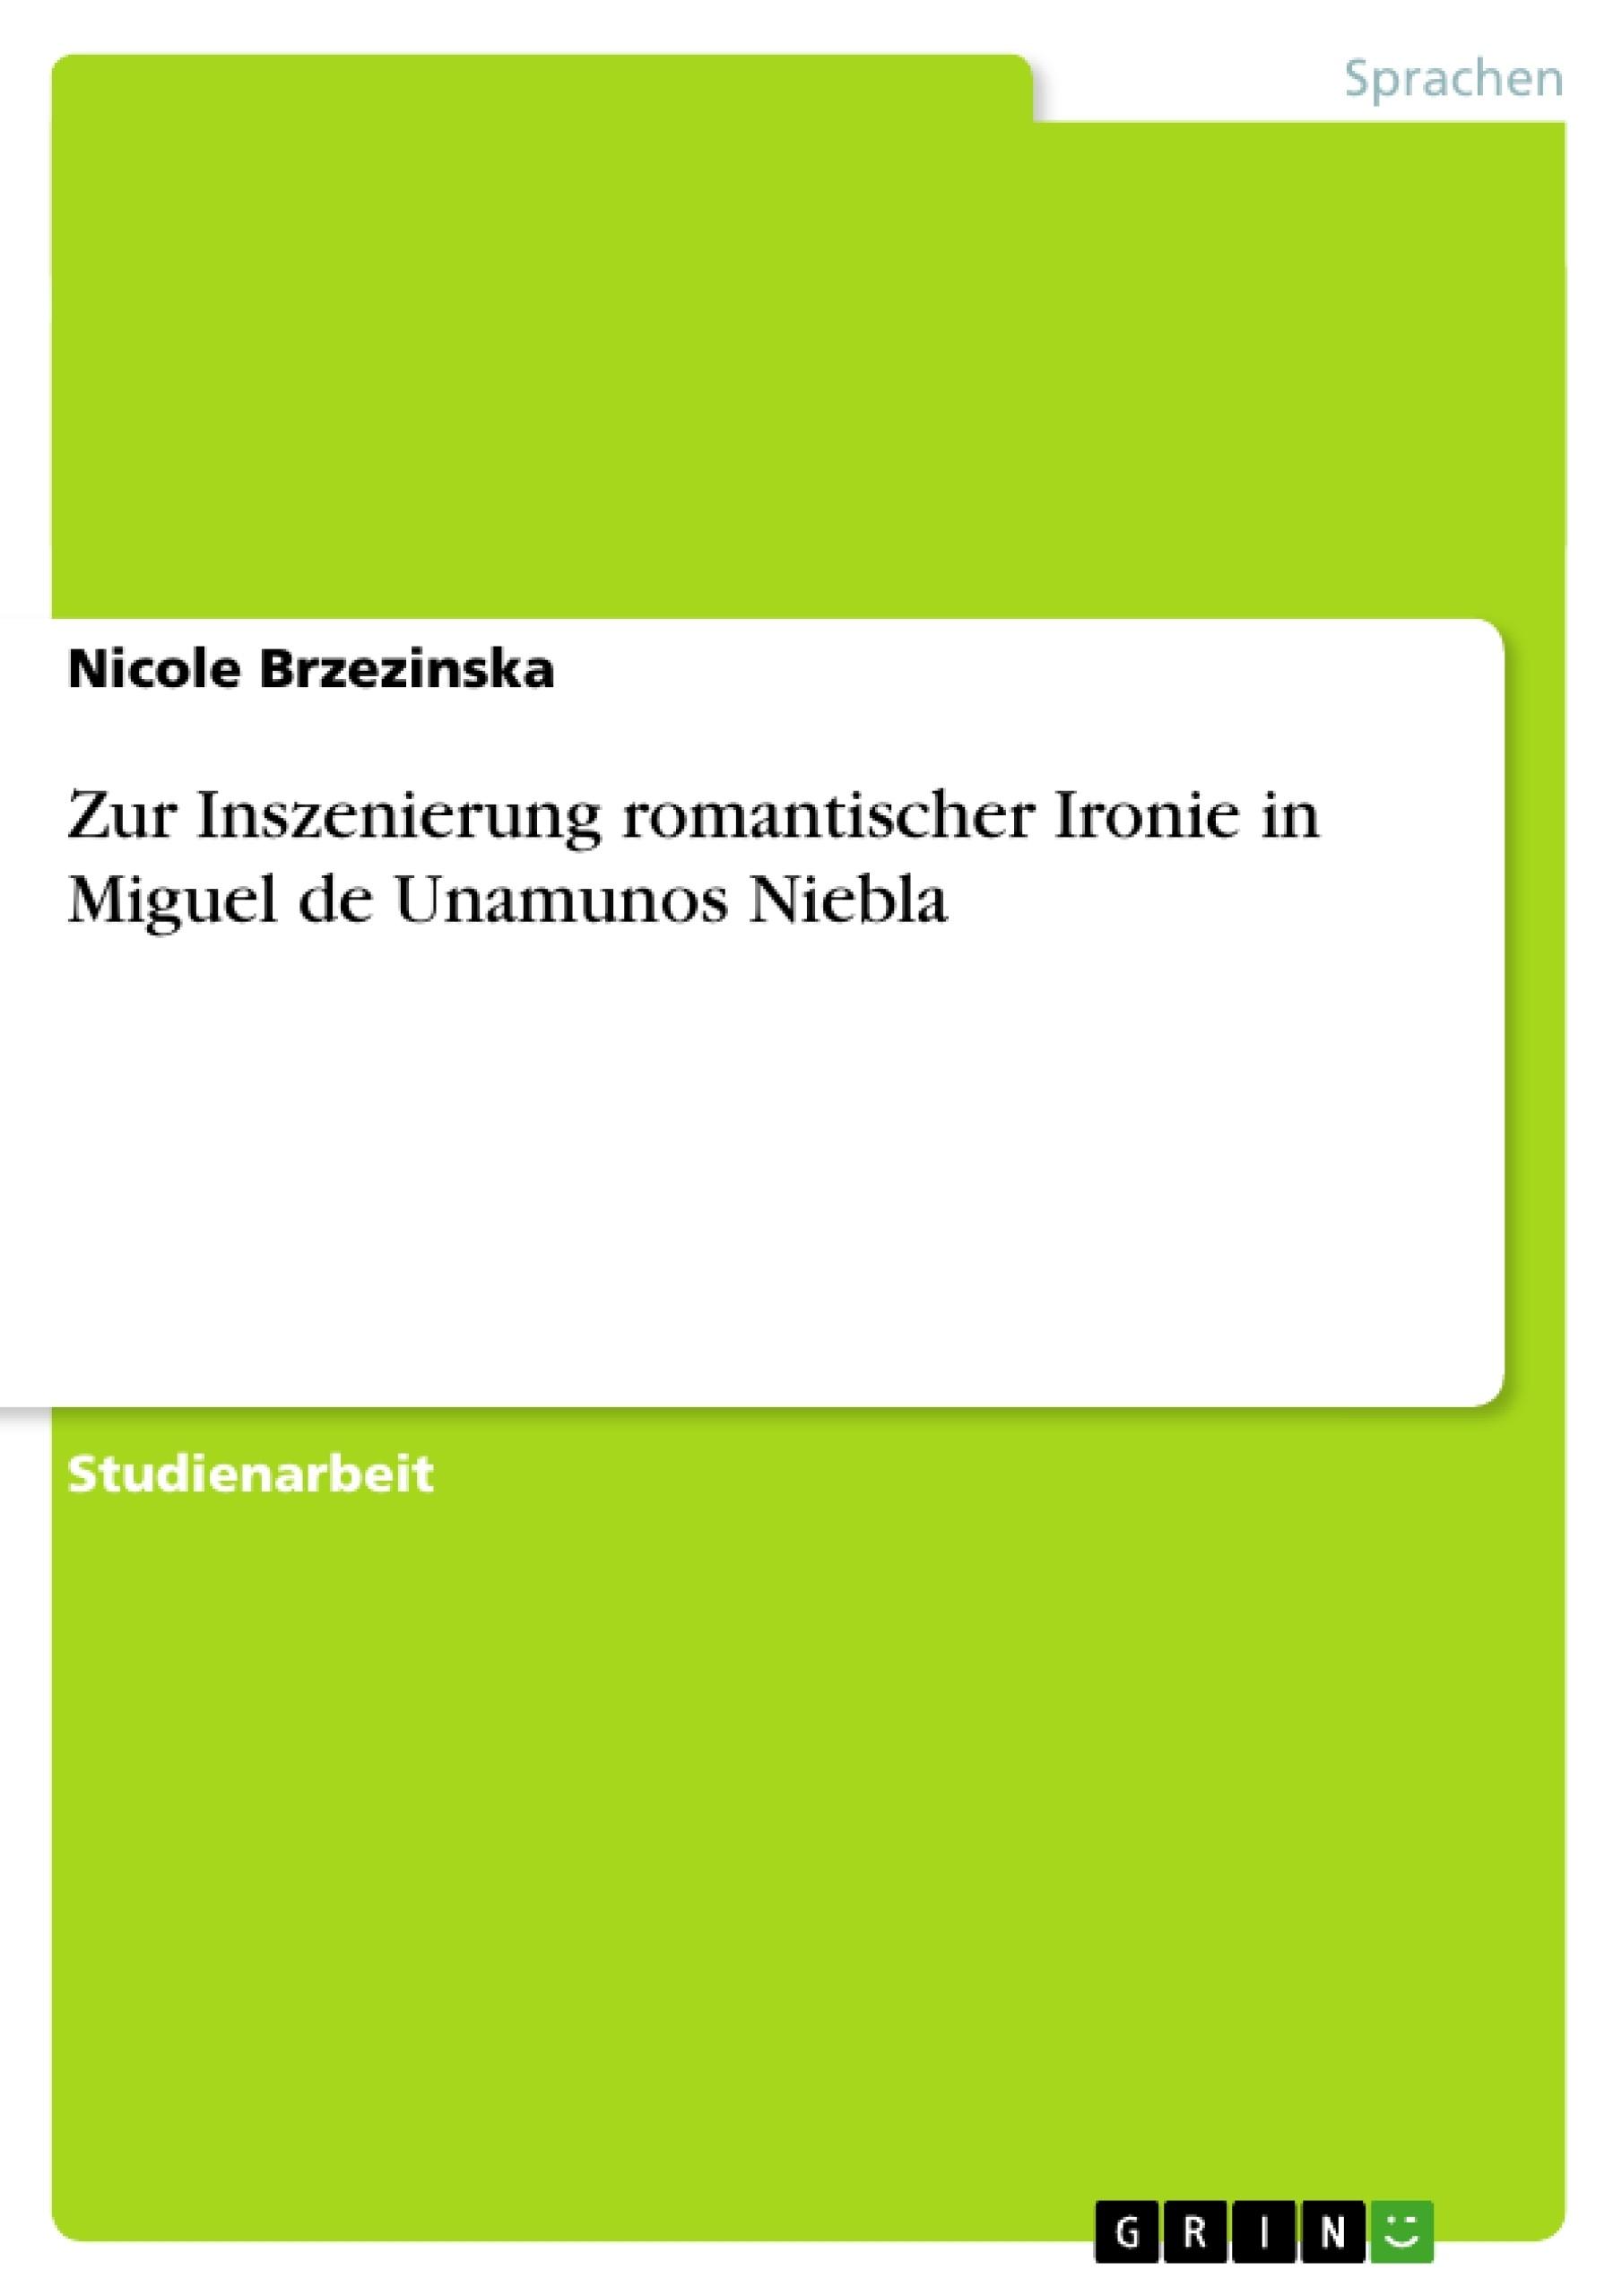 Titel: Zur Inszenierung romantischer Ironie in Miguel de Unamunos Niebla